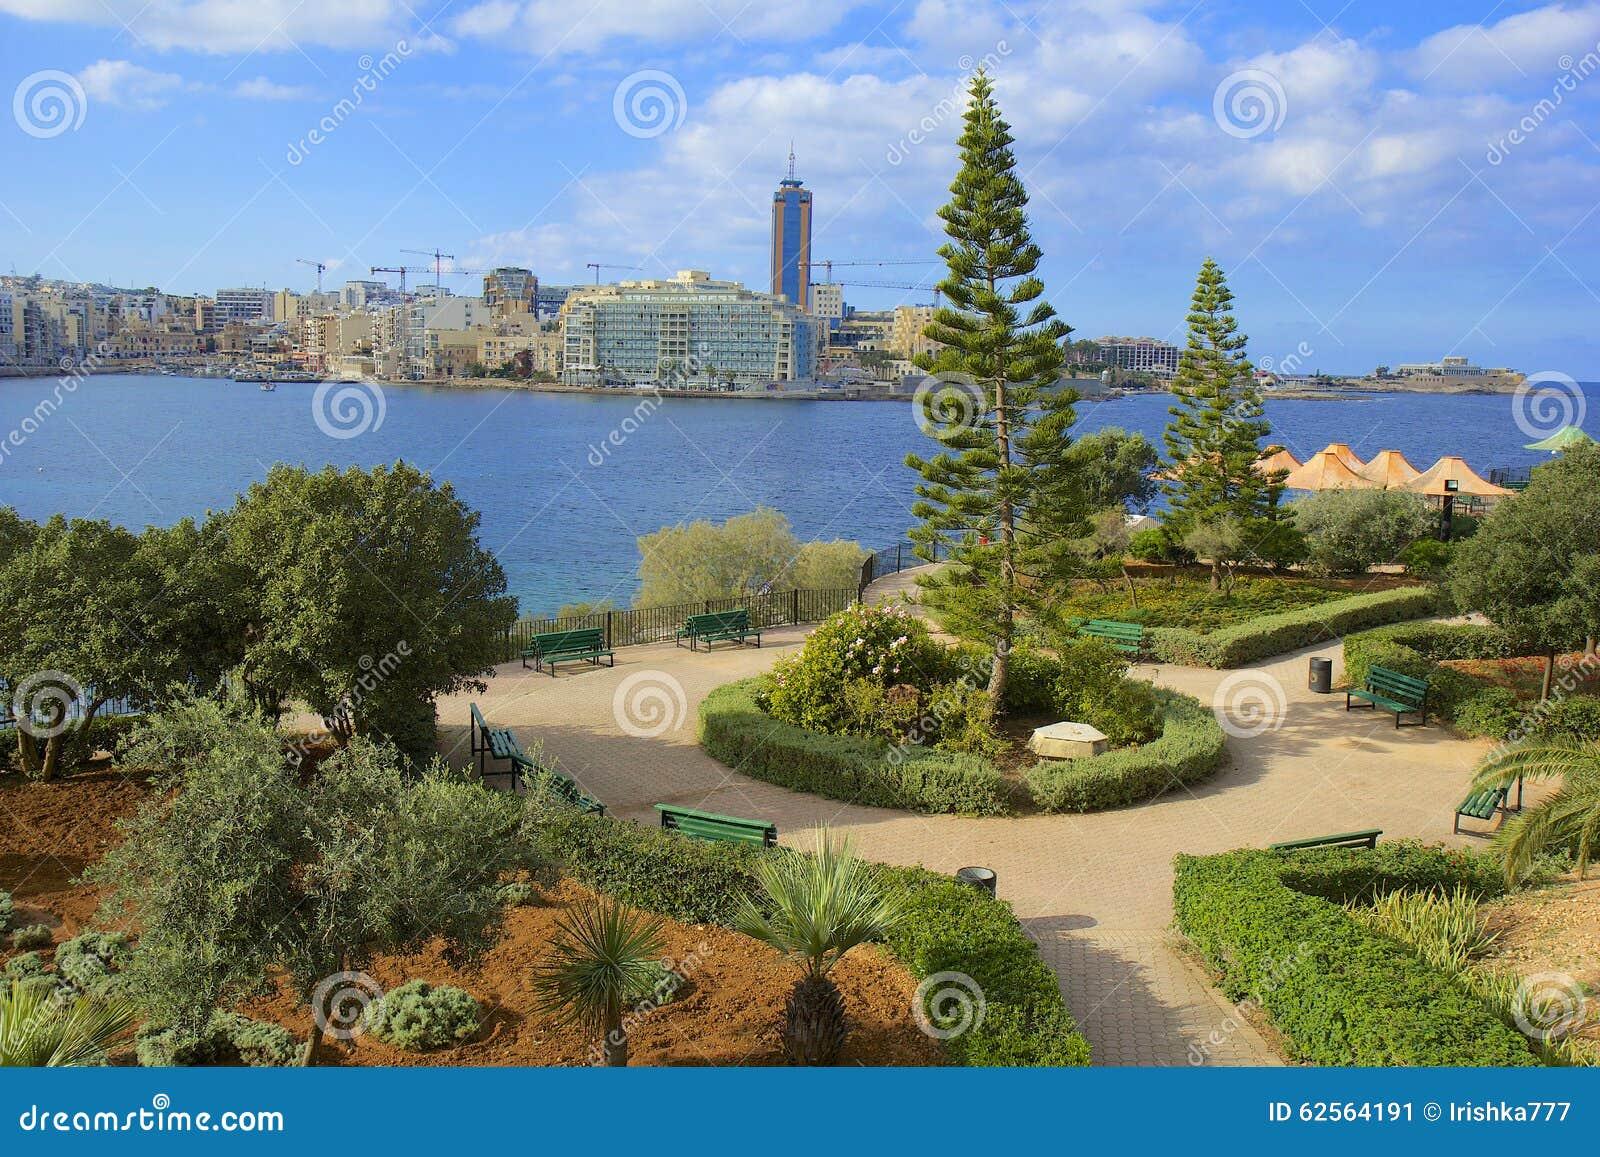 Passeggiata e parco in Sliema, Malta